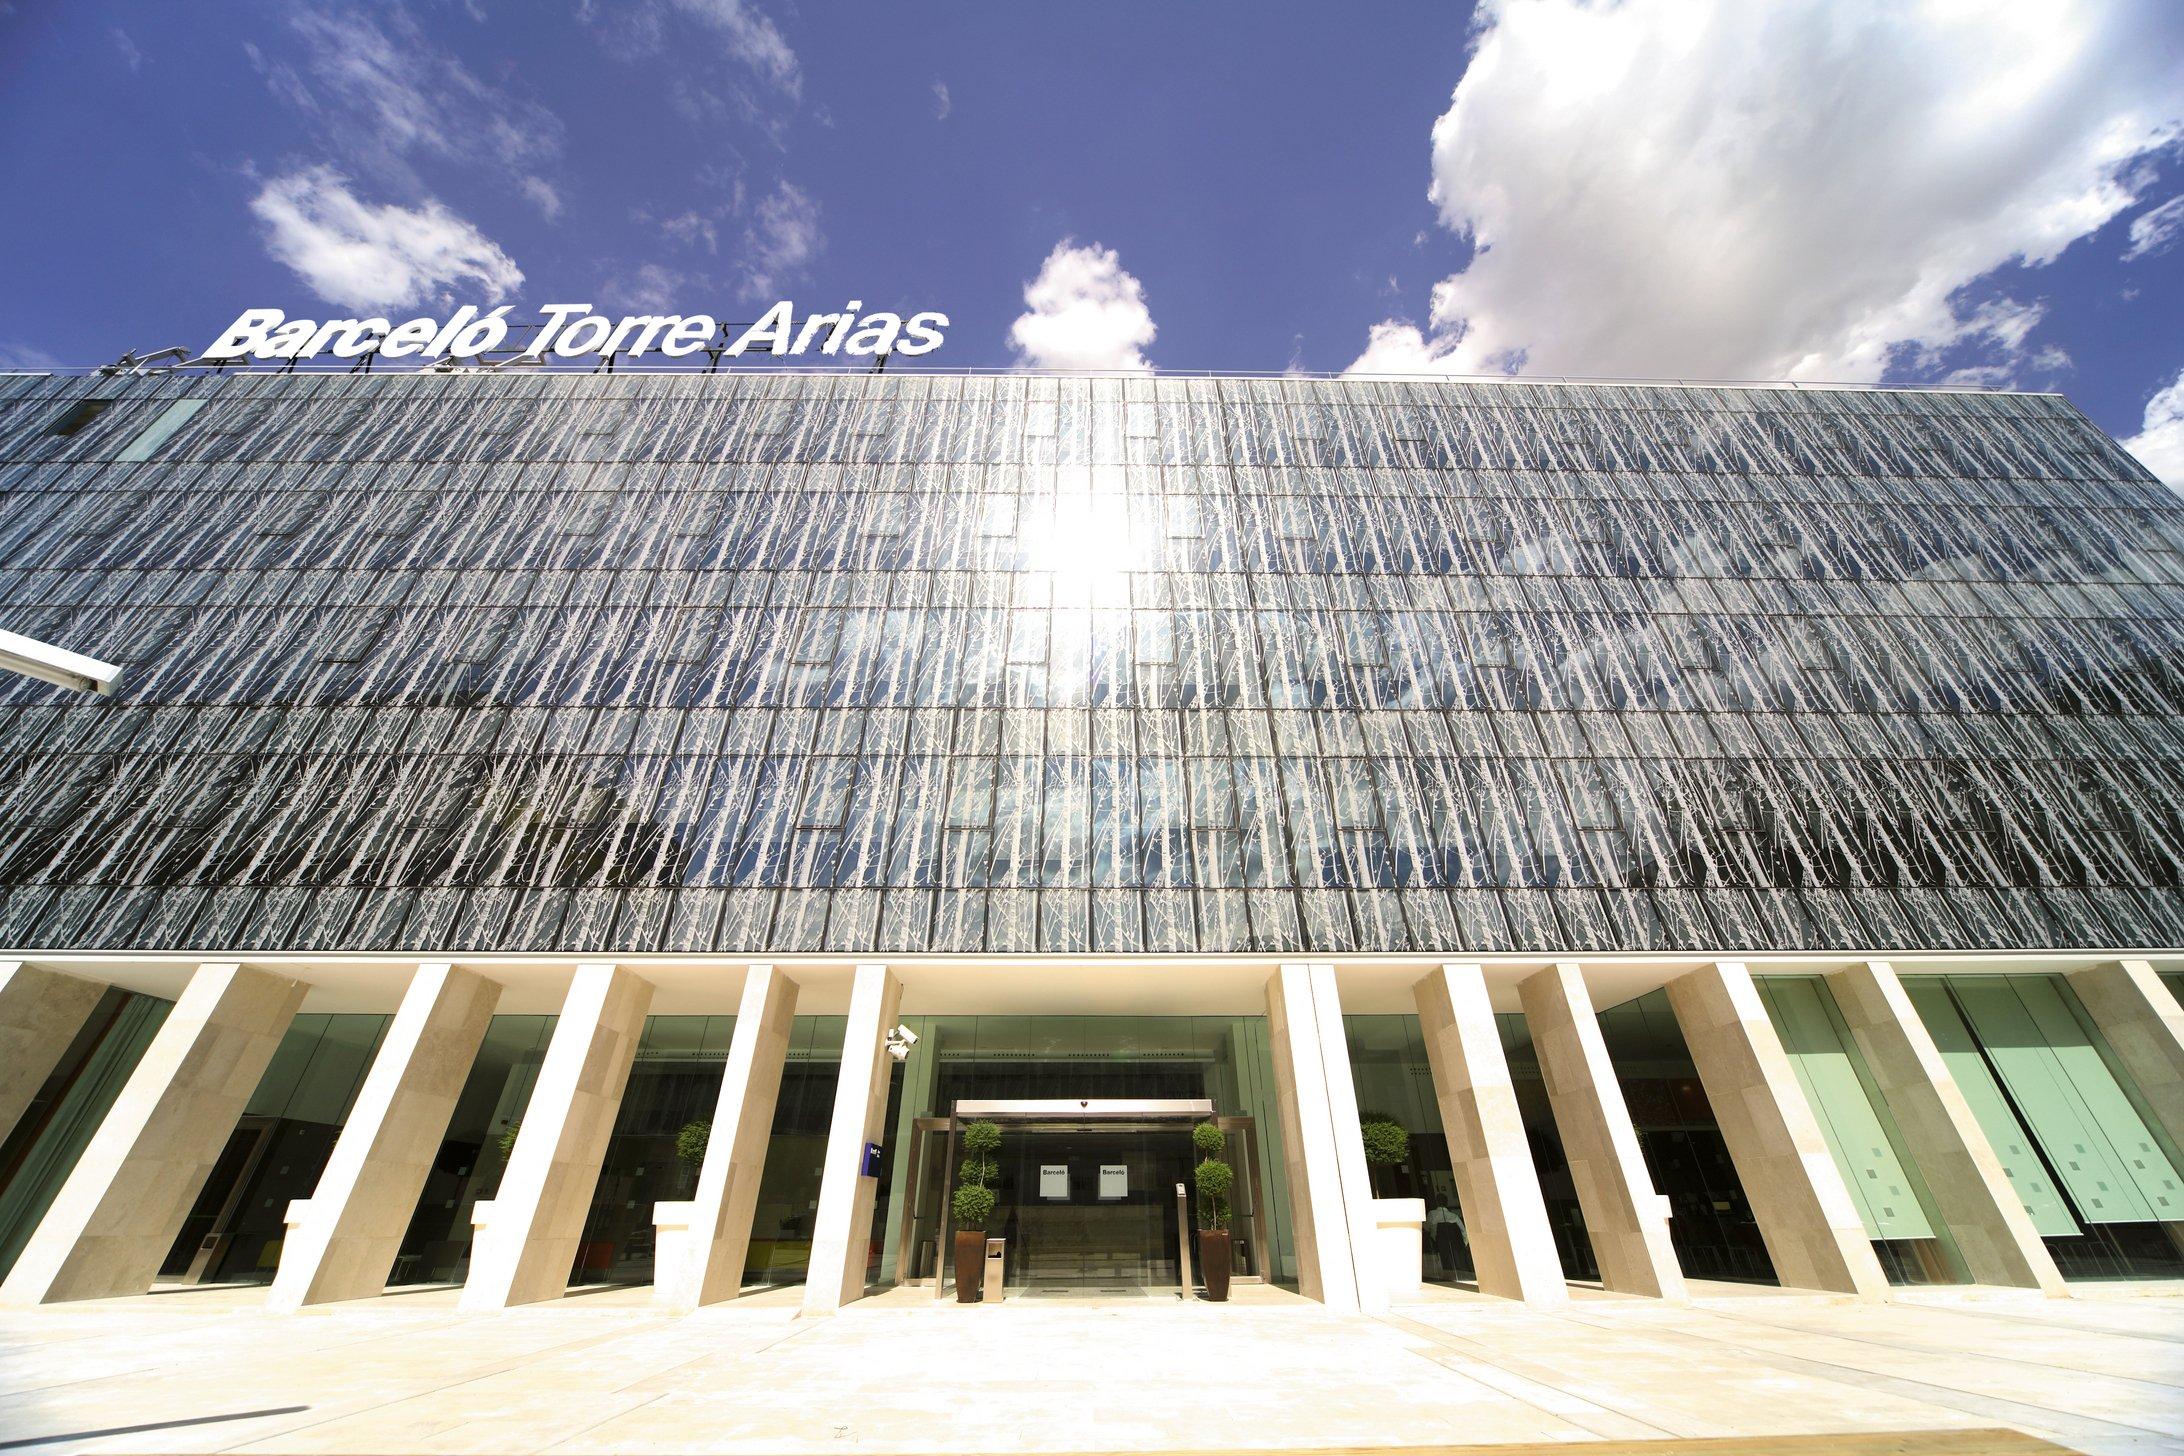 Barcelo Torre Arias